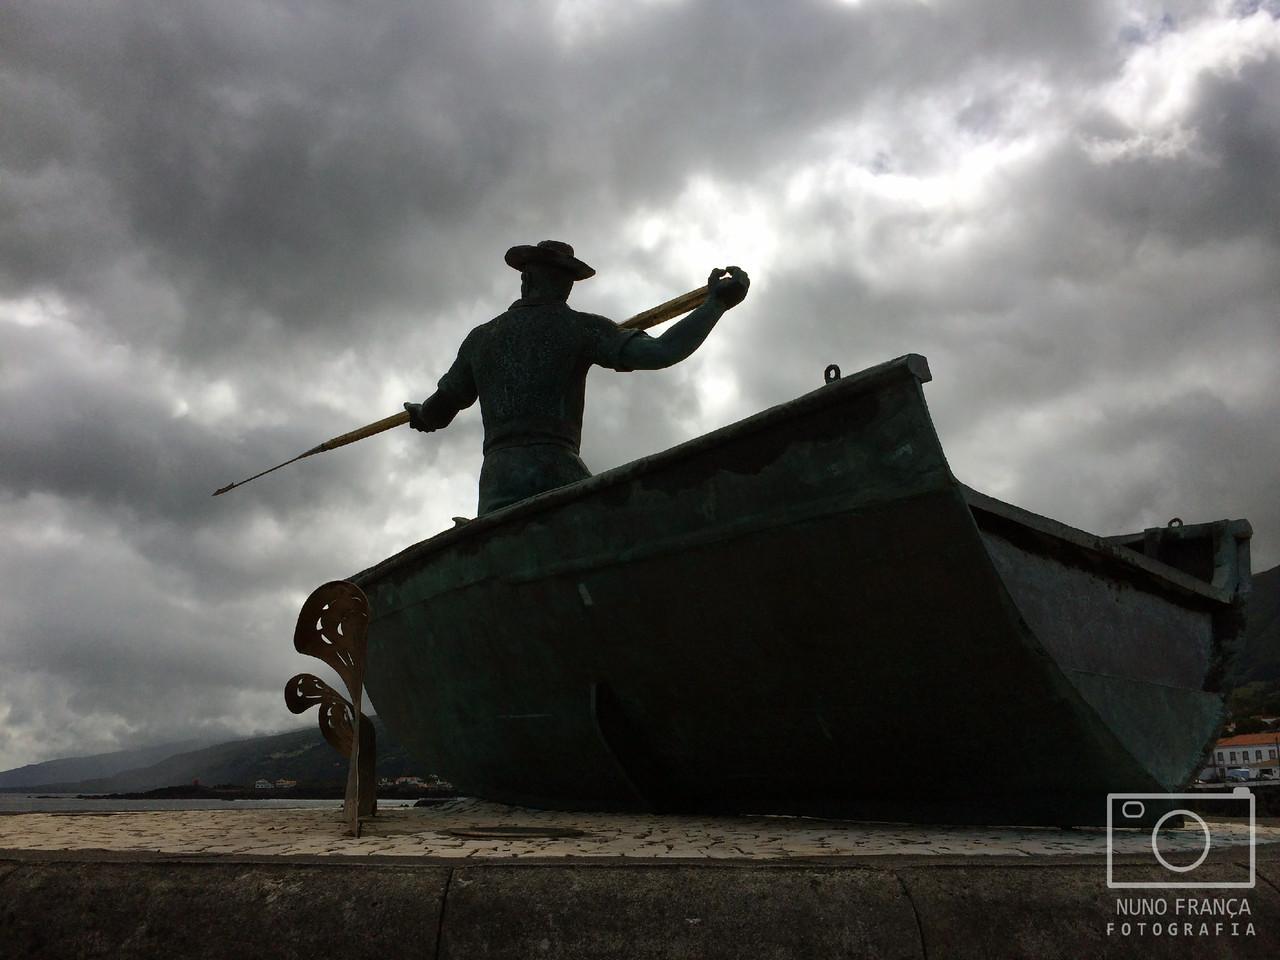 Monumento alusivo à caça da baleia - São Roque do Pico